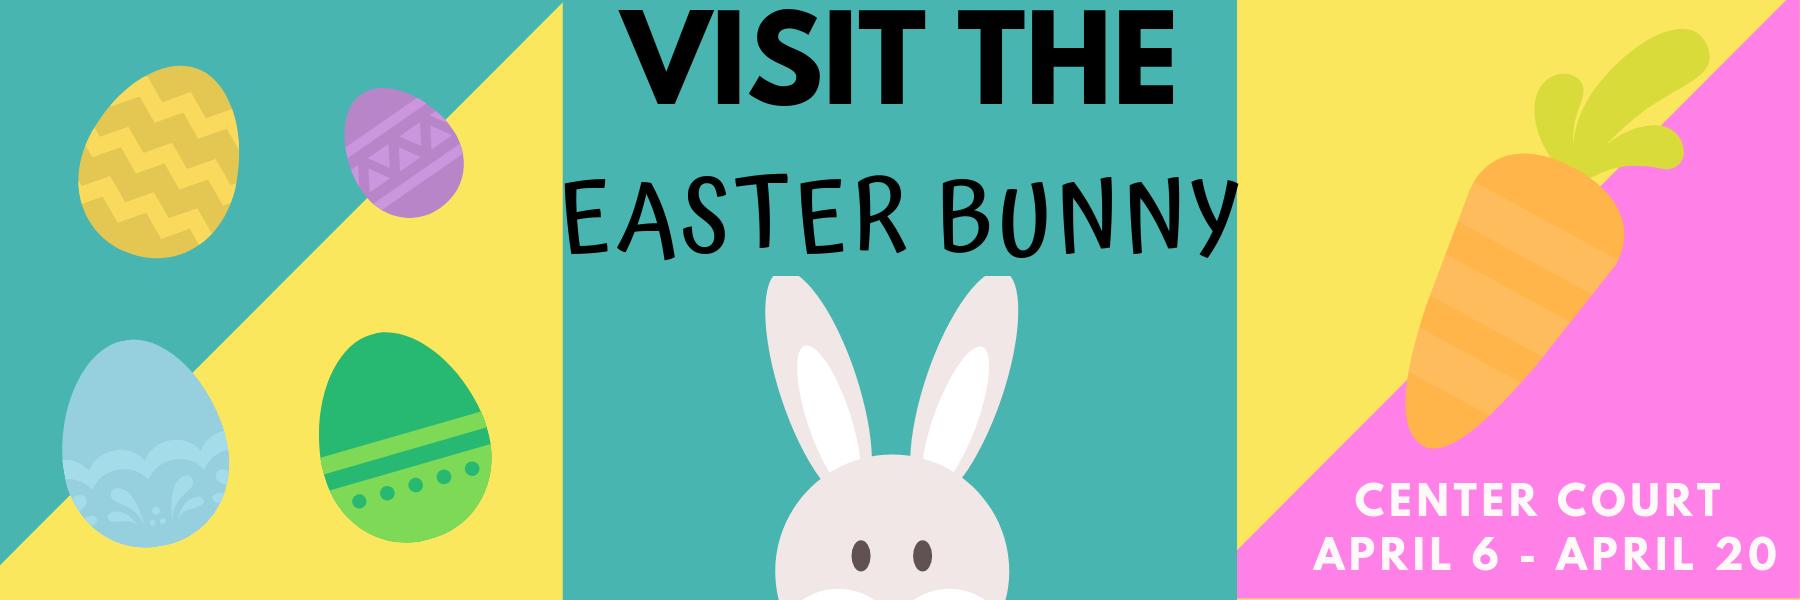 visit the easter bunny slider